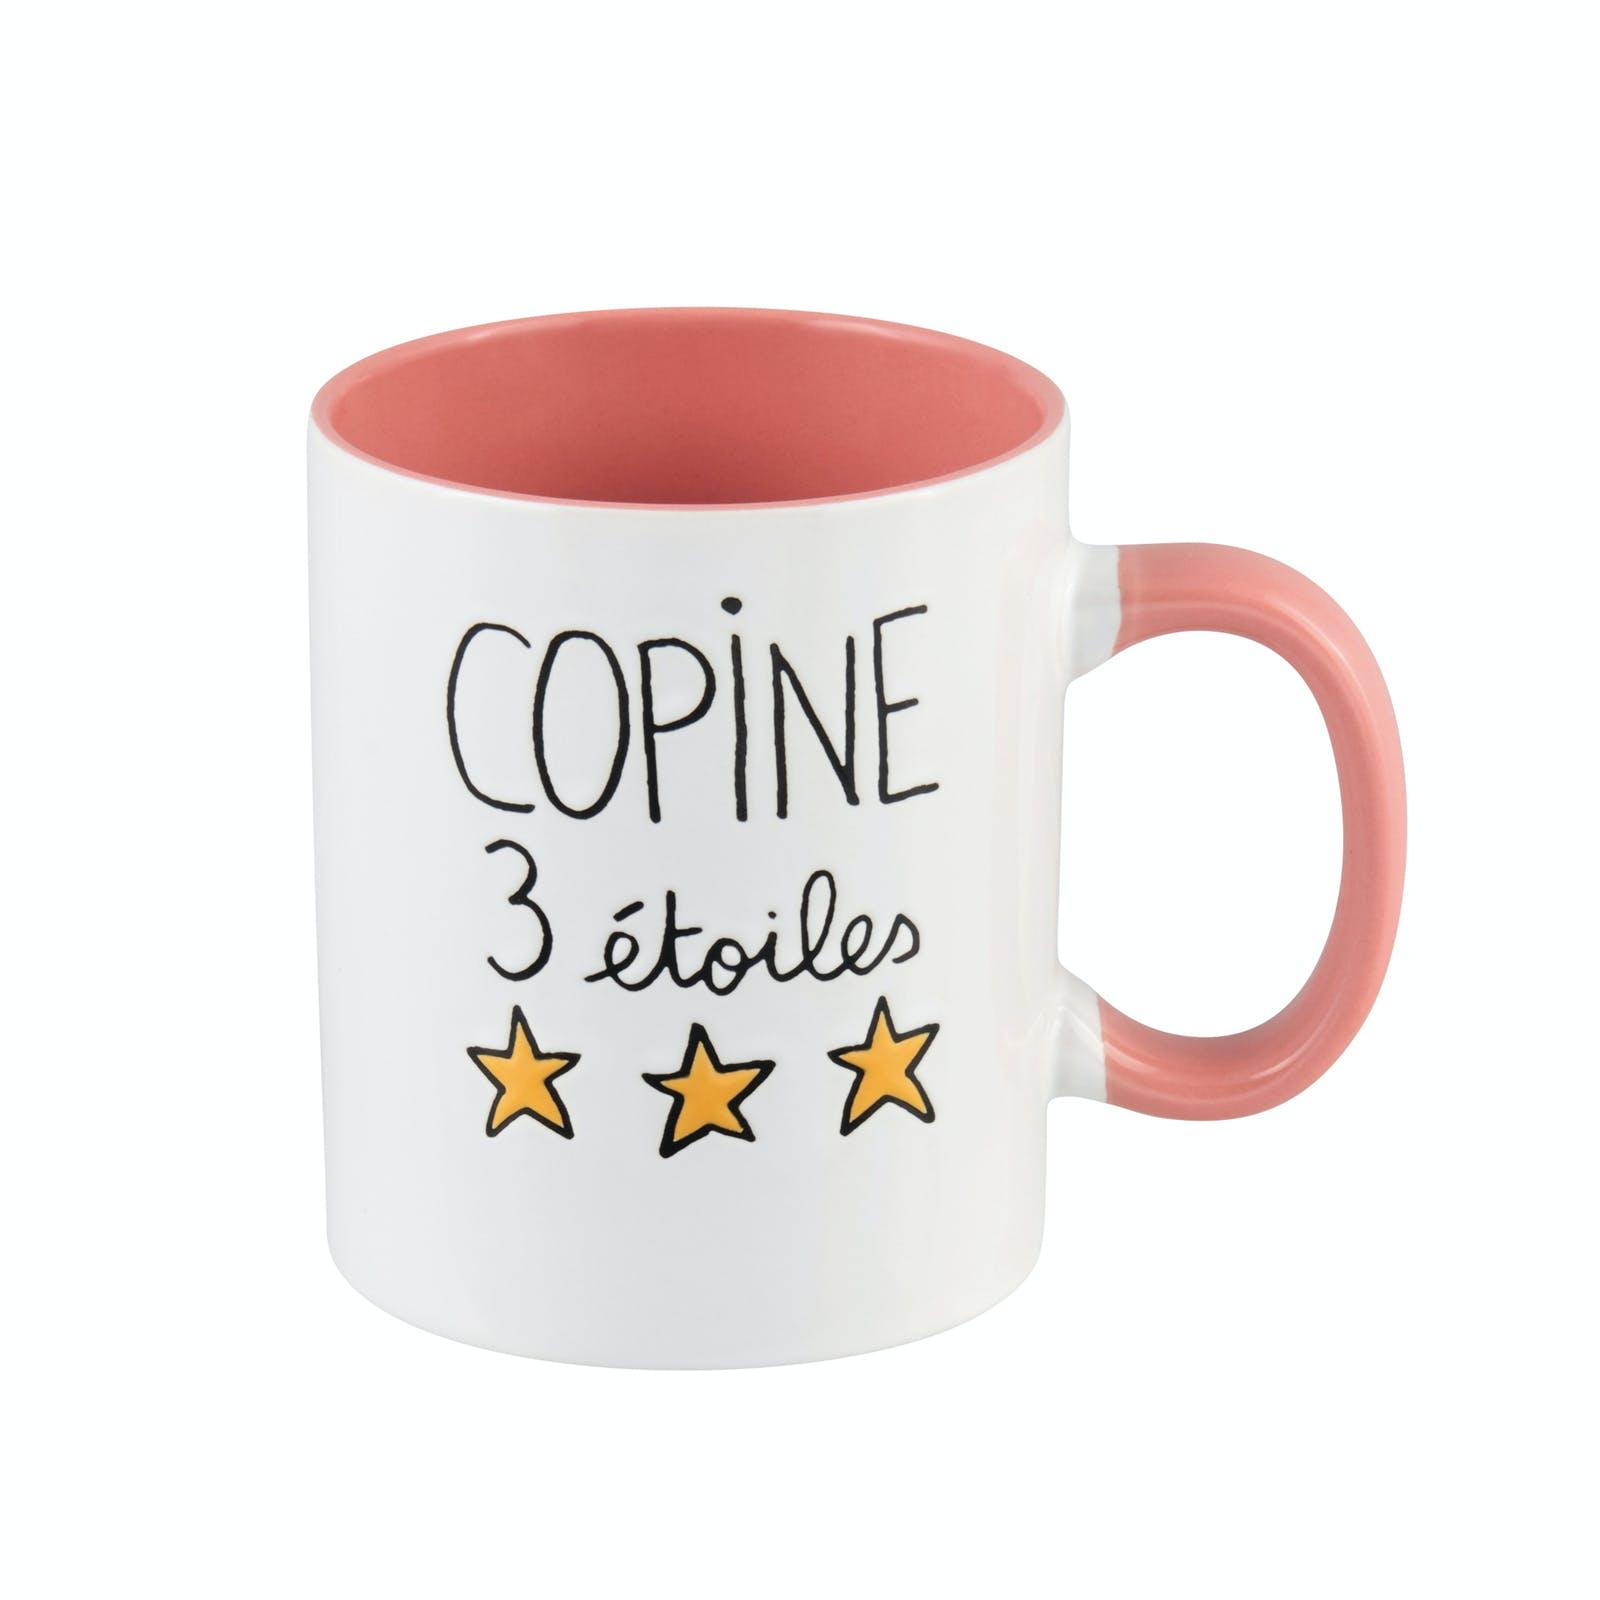 """ELOGES Mug """"Copine 3 étoiles"""" 11x9cm DLP"""